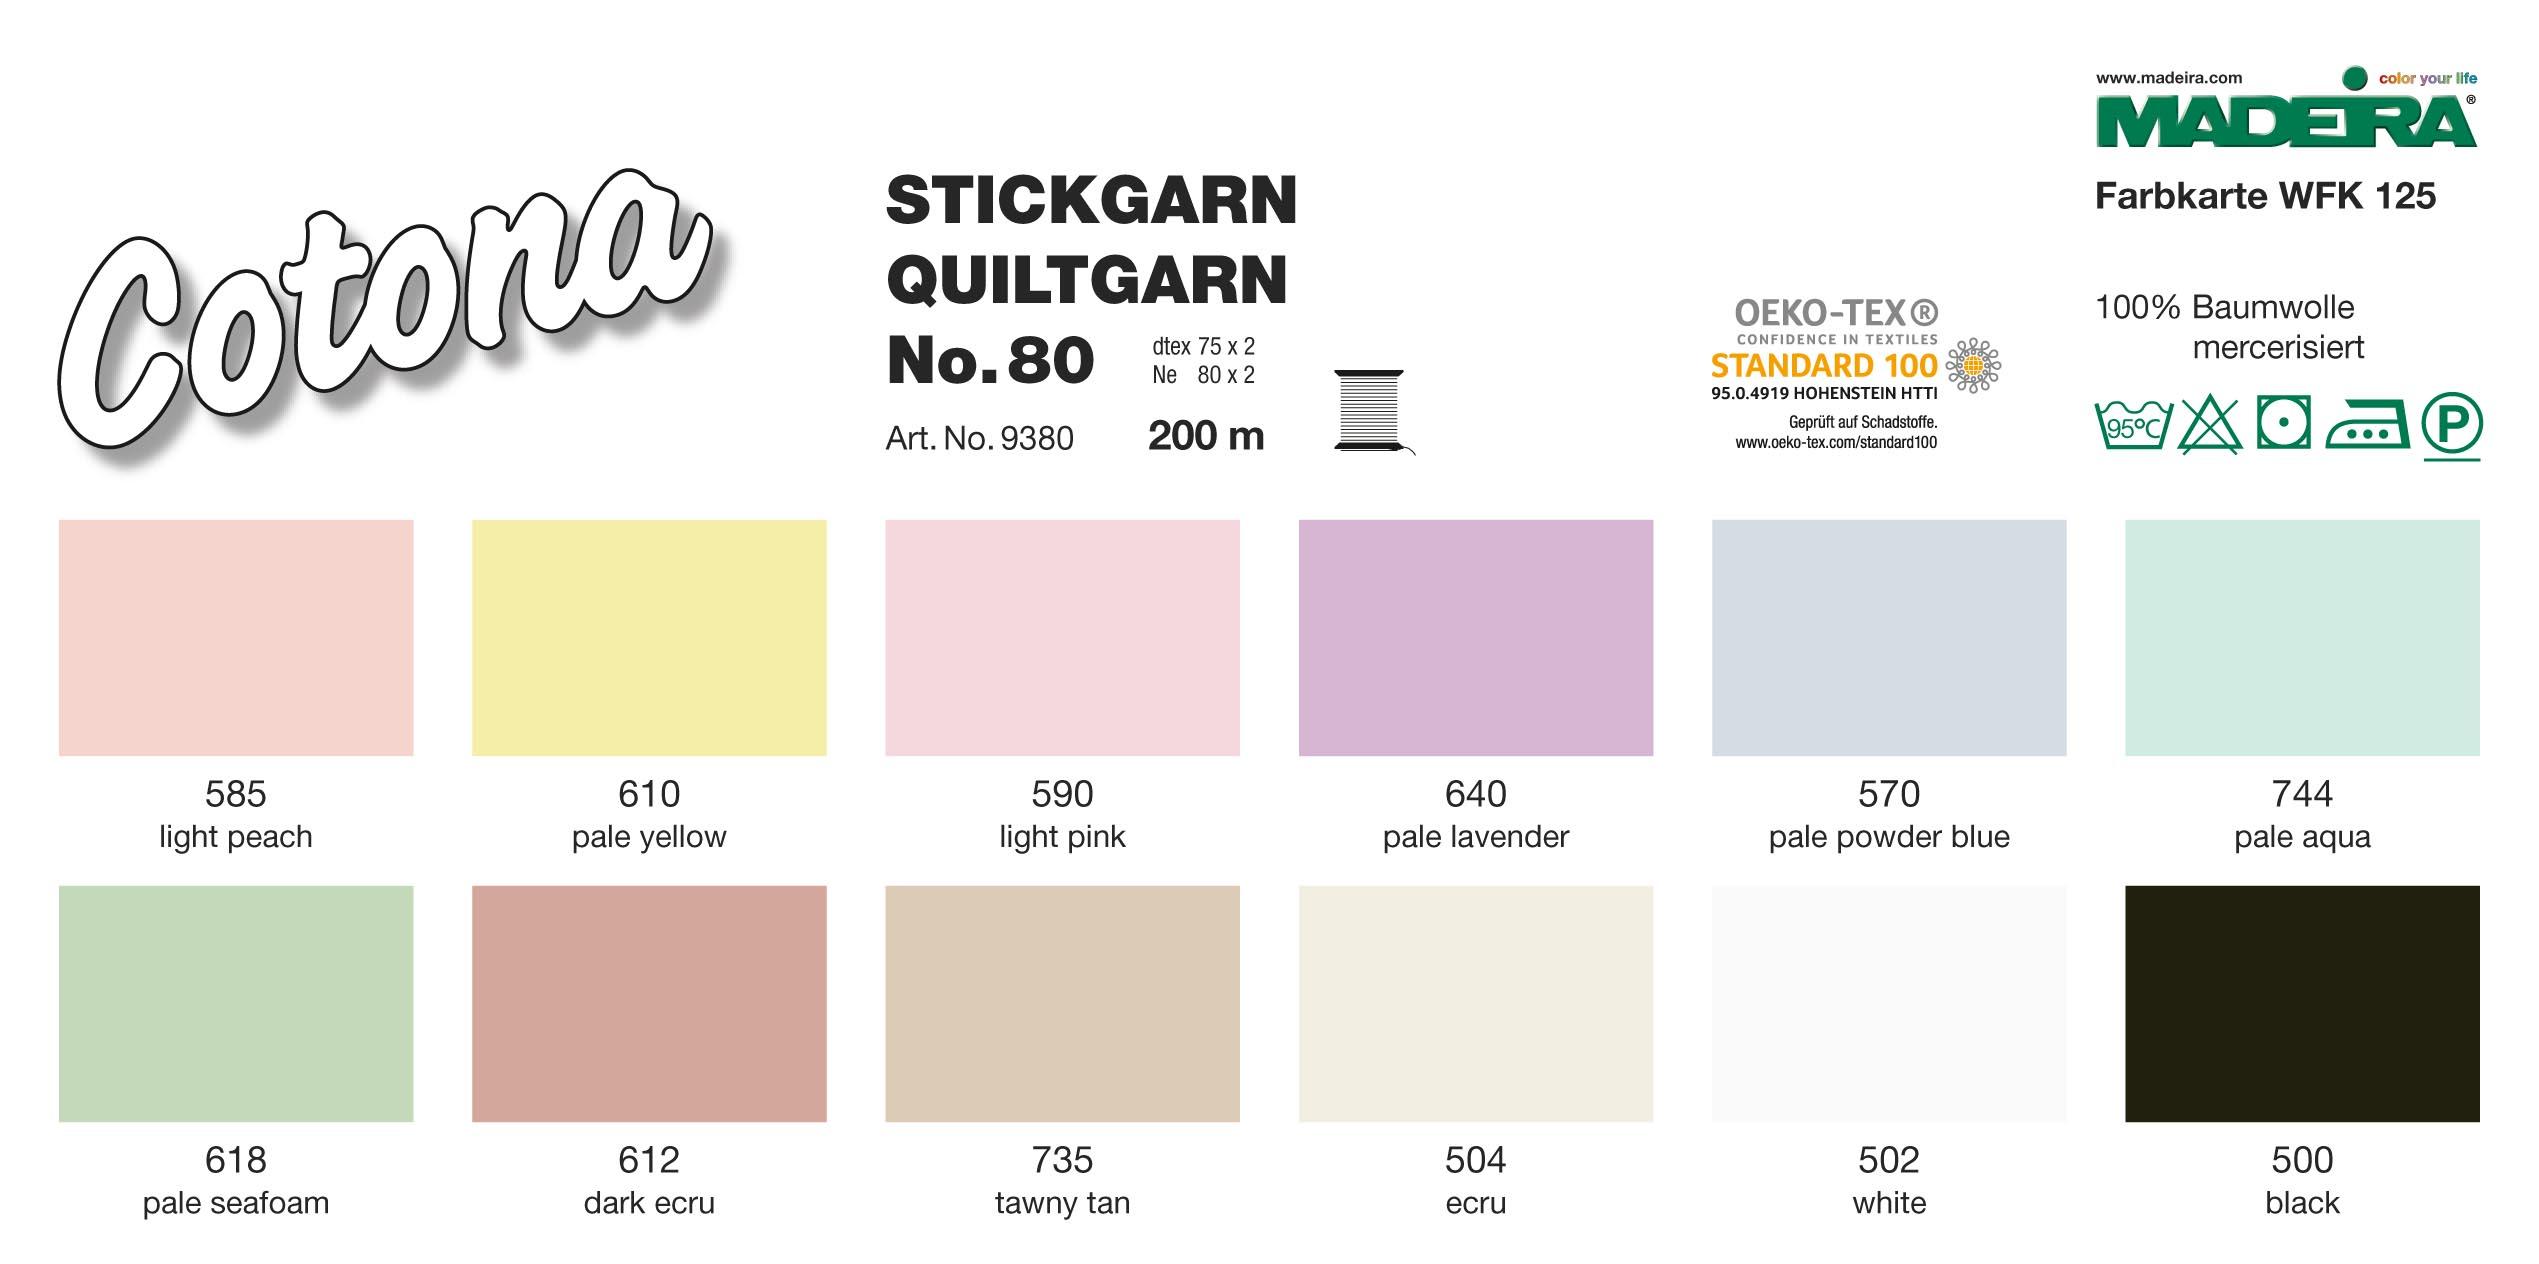 cotona-no80-200m-farbtabelle.jpg